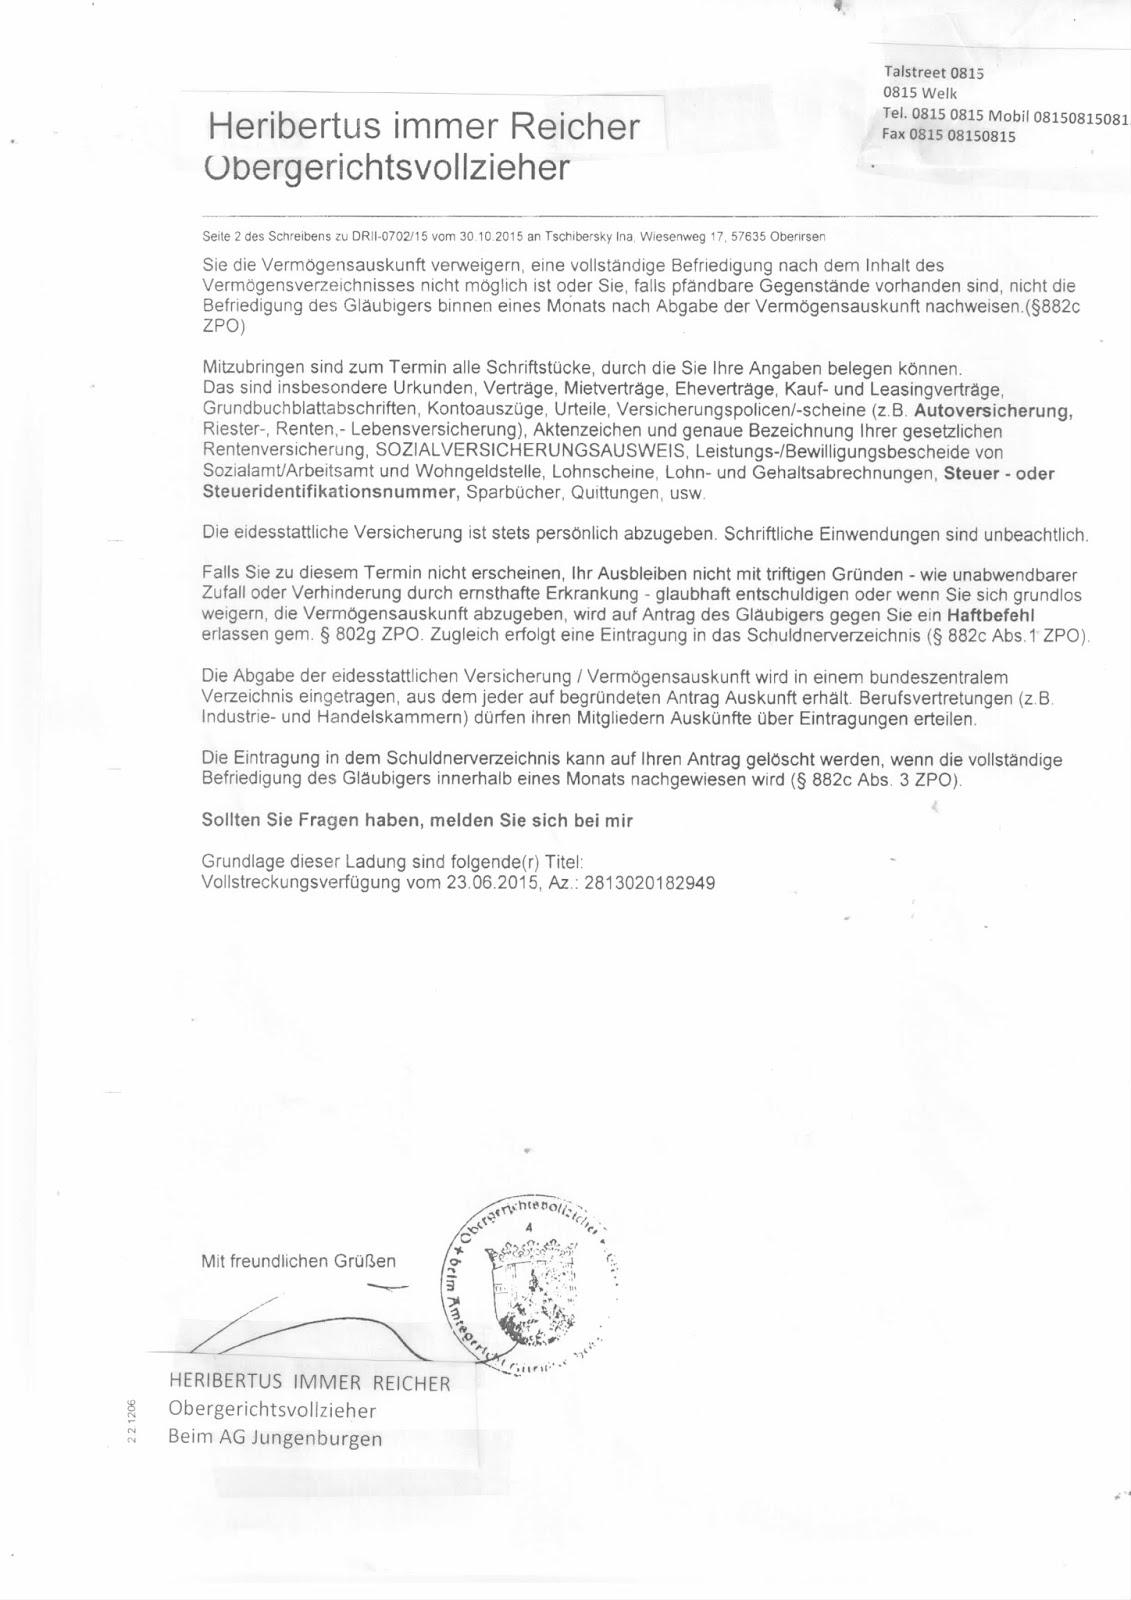 abgesonderte eintragung schuldnerverzeichnis